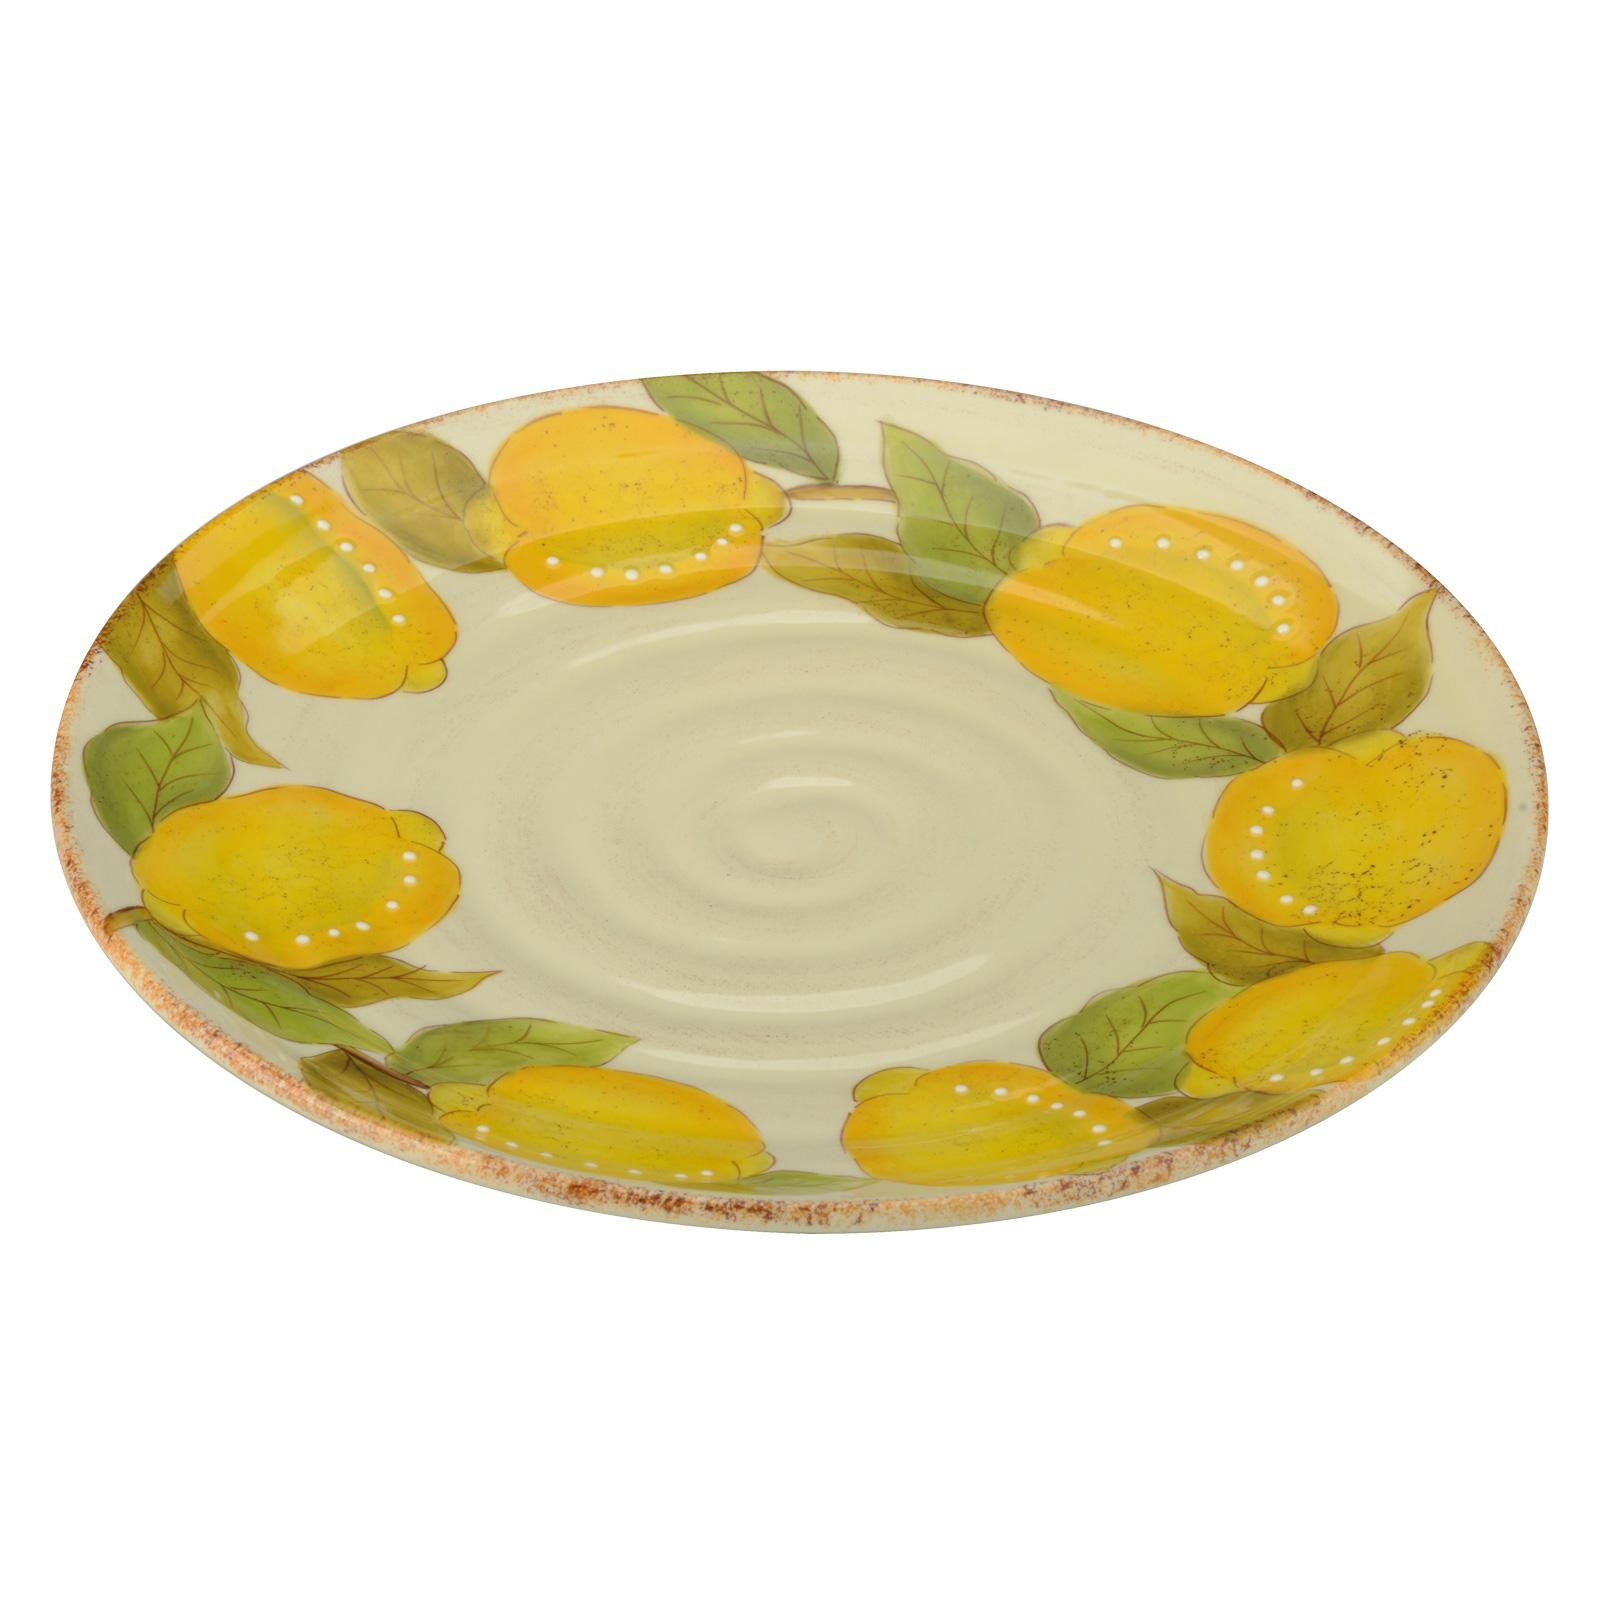 Sorrento Dinner Plate